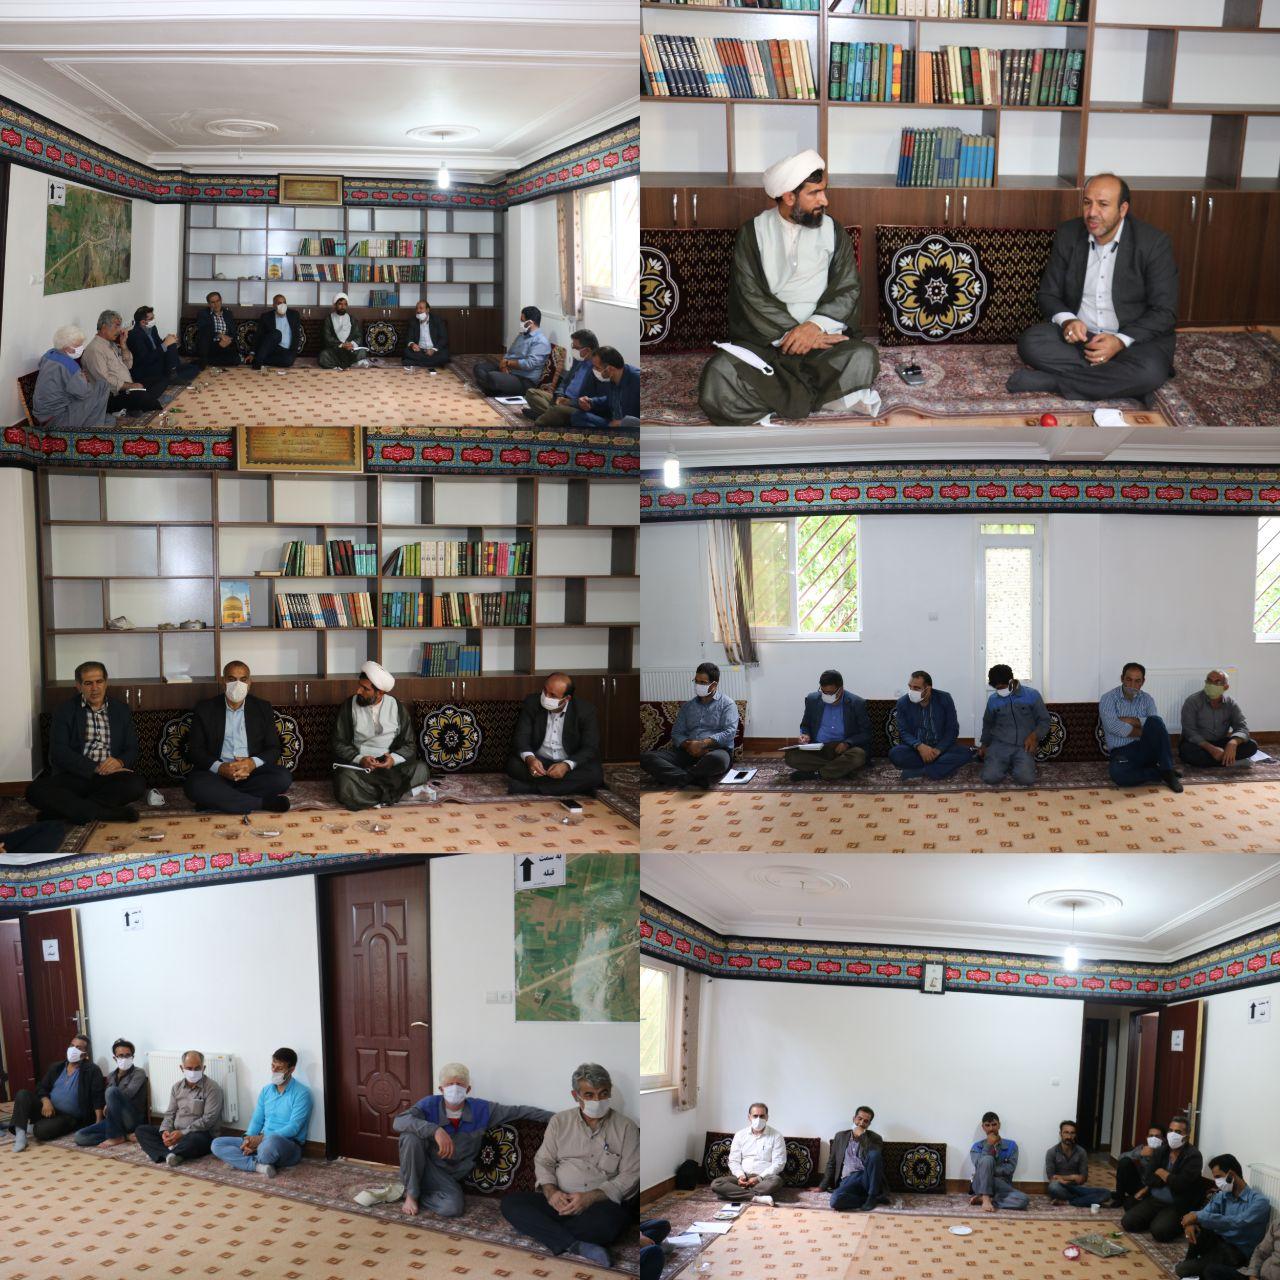 دیدار شهردار، اعضای شورای اسلامی و کارکنان شهرداری کیاسر با امام جمعه بخش چهاردانگه